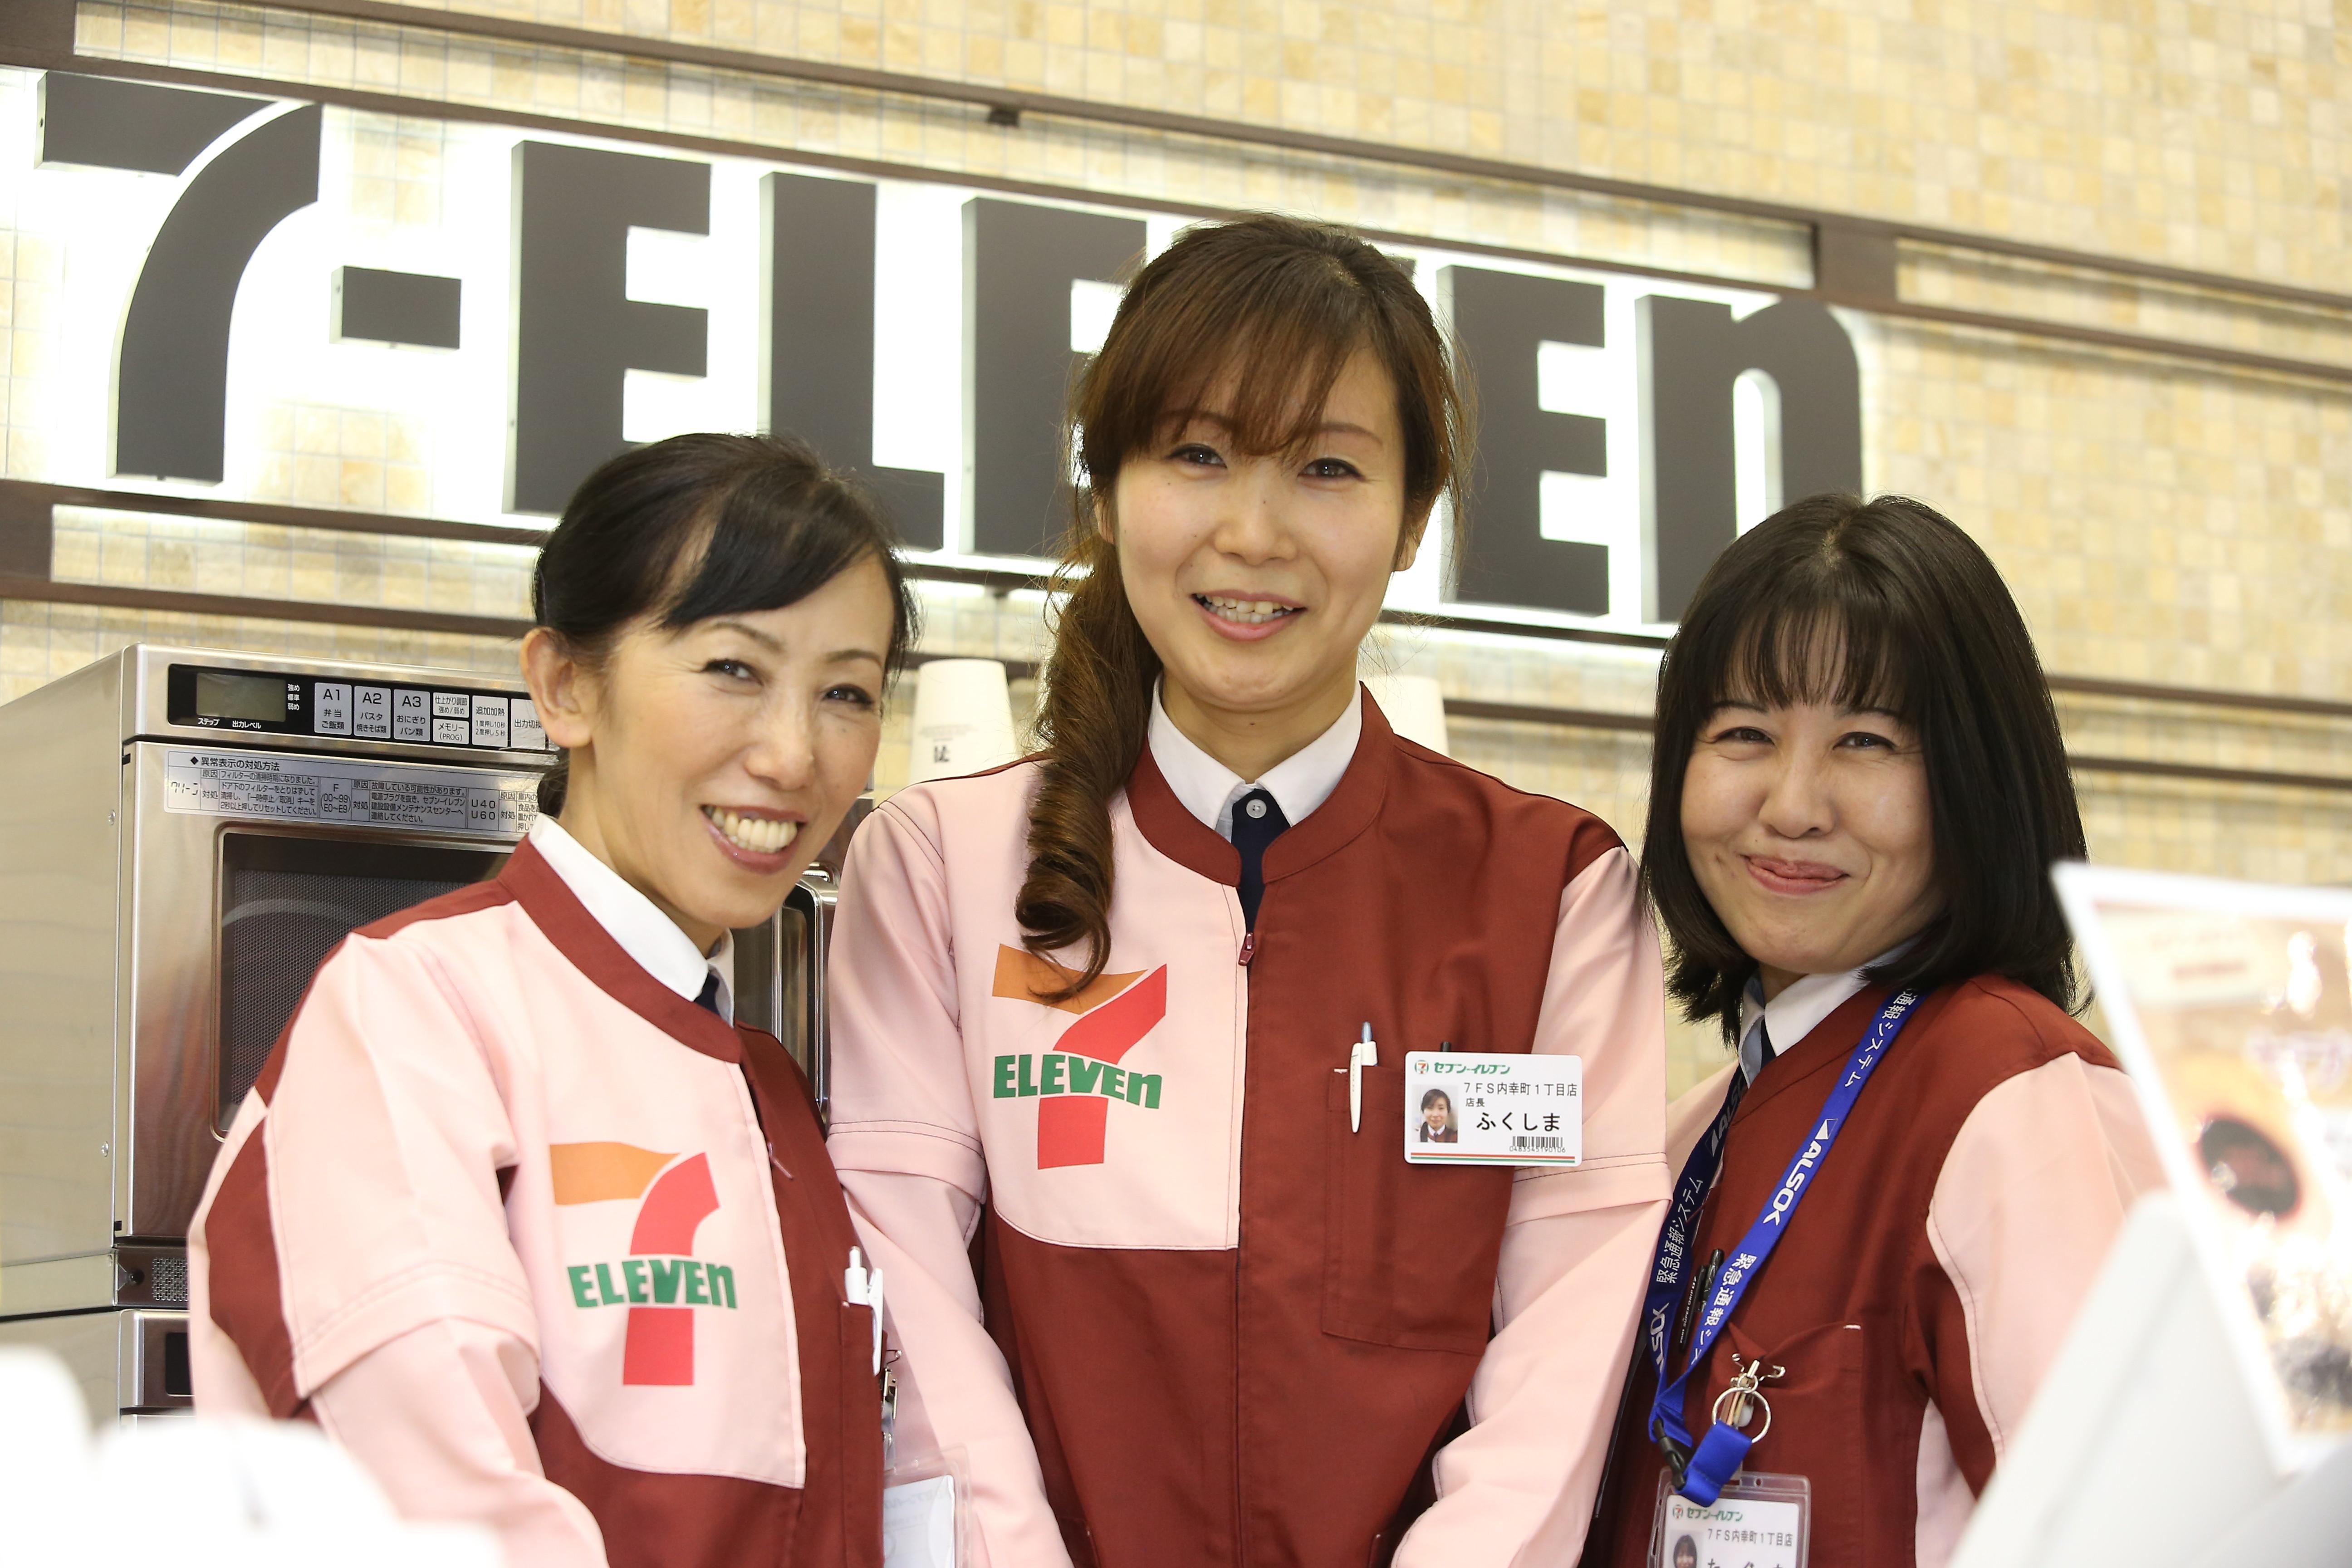 セブン-イレブン 大阪大学本部西店 のアルバイト情報